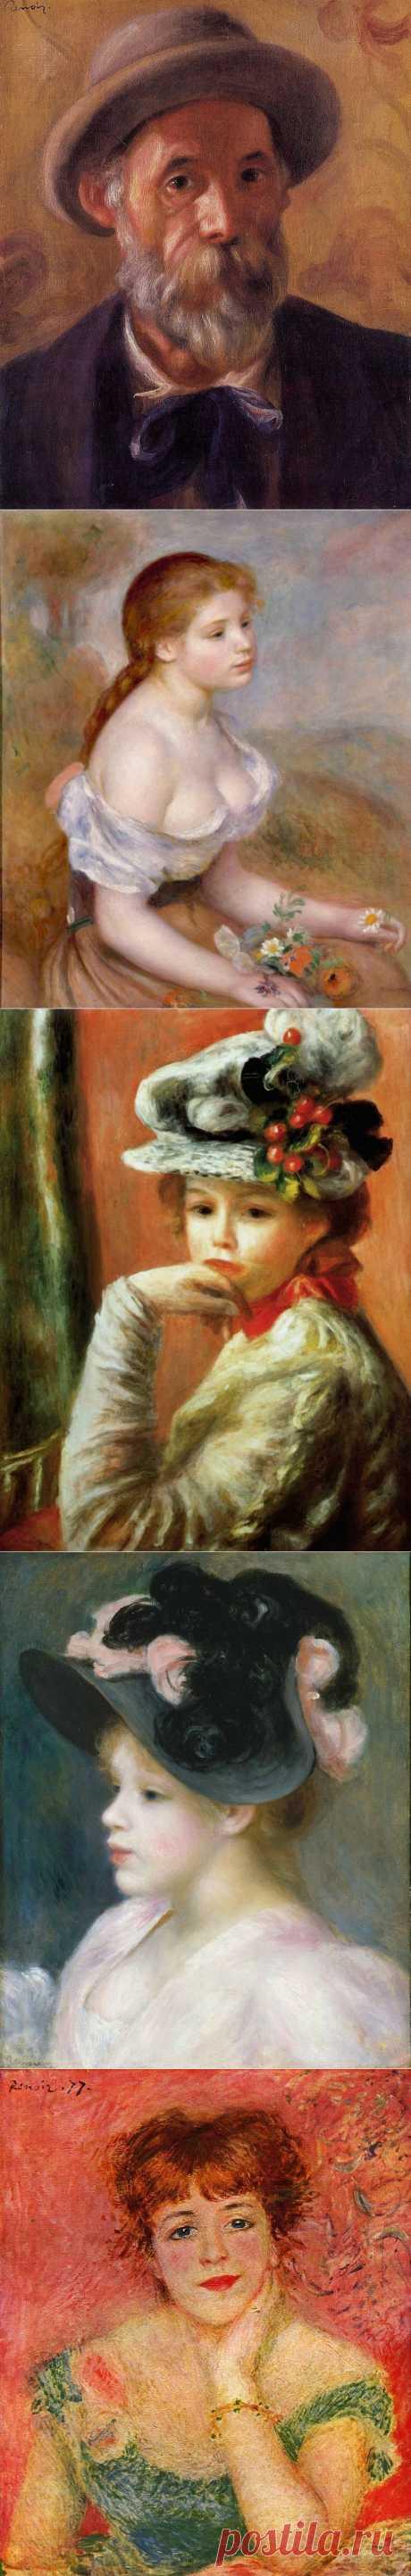 Пьер Огюст Ренуар (1841 - 1919) - французский живописец-импрессионист, график и скульптор. | Женские и детские портреты. (часть-2).